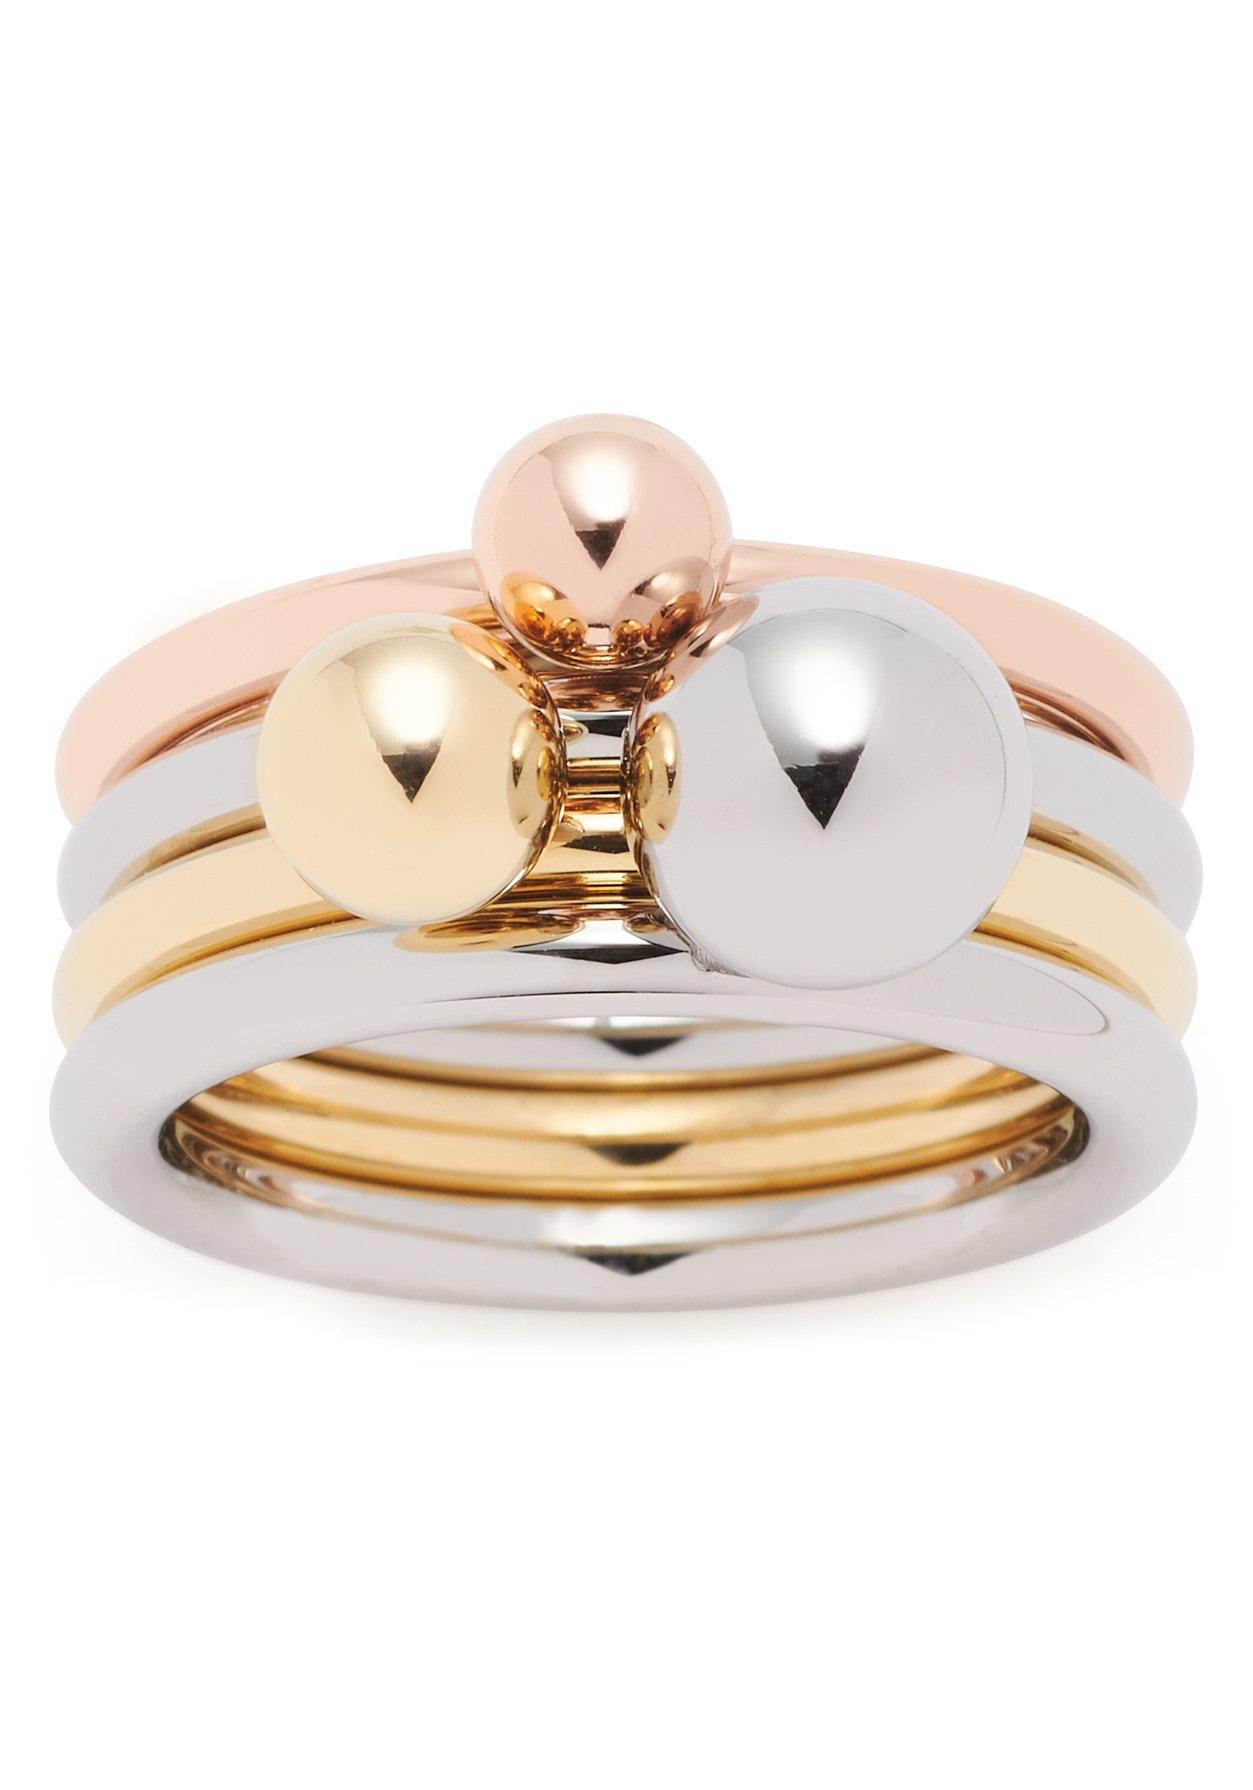 LEONARDO ringenset Set/3 ring Sfera, 019648, 019649, 019650 (set, 3-delig) bij OTTO online kopen